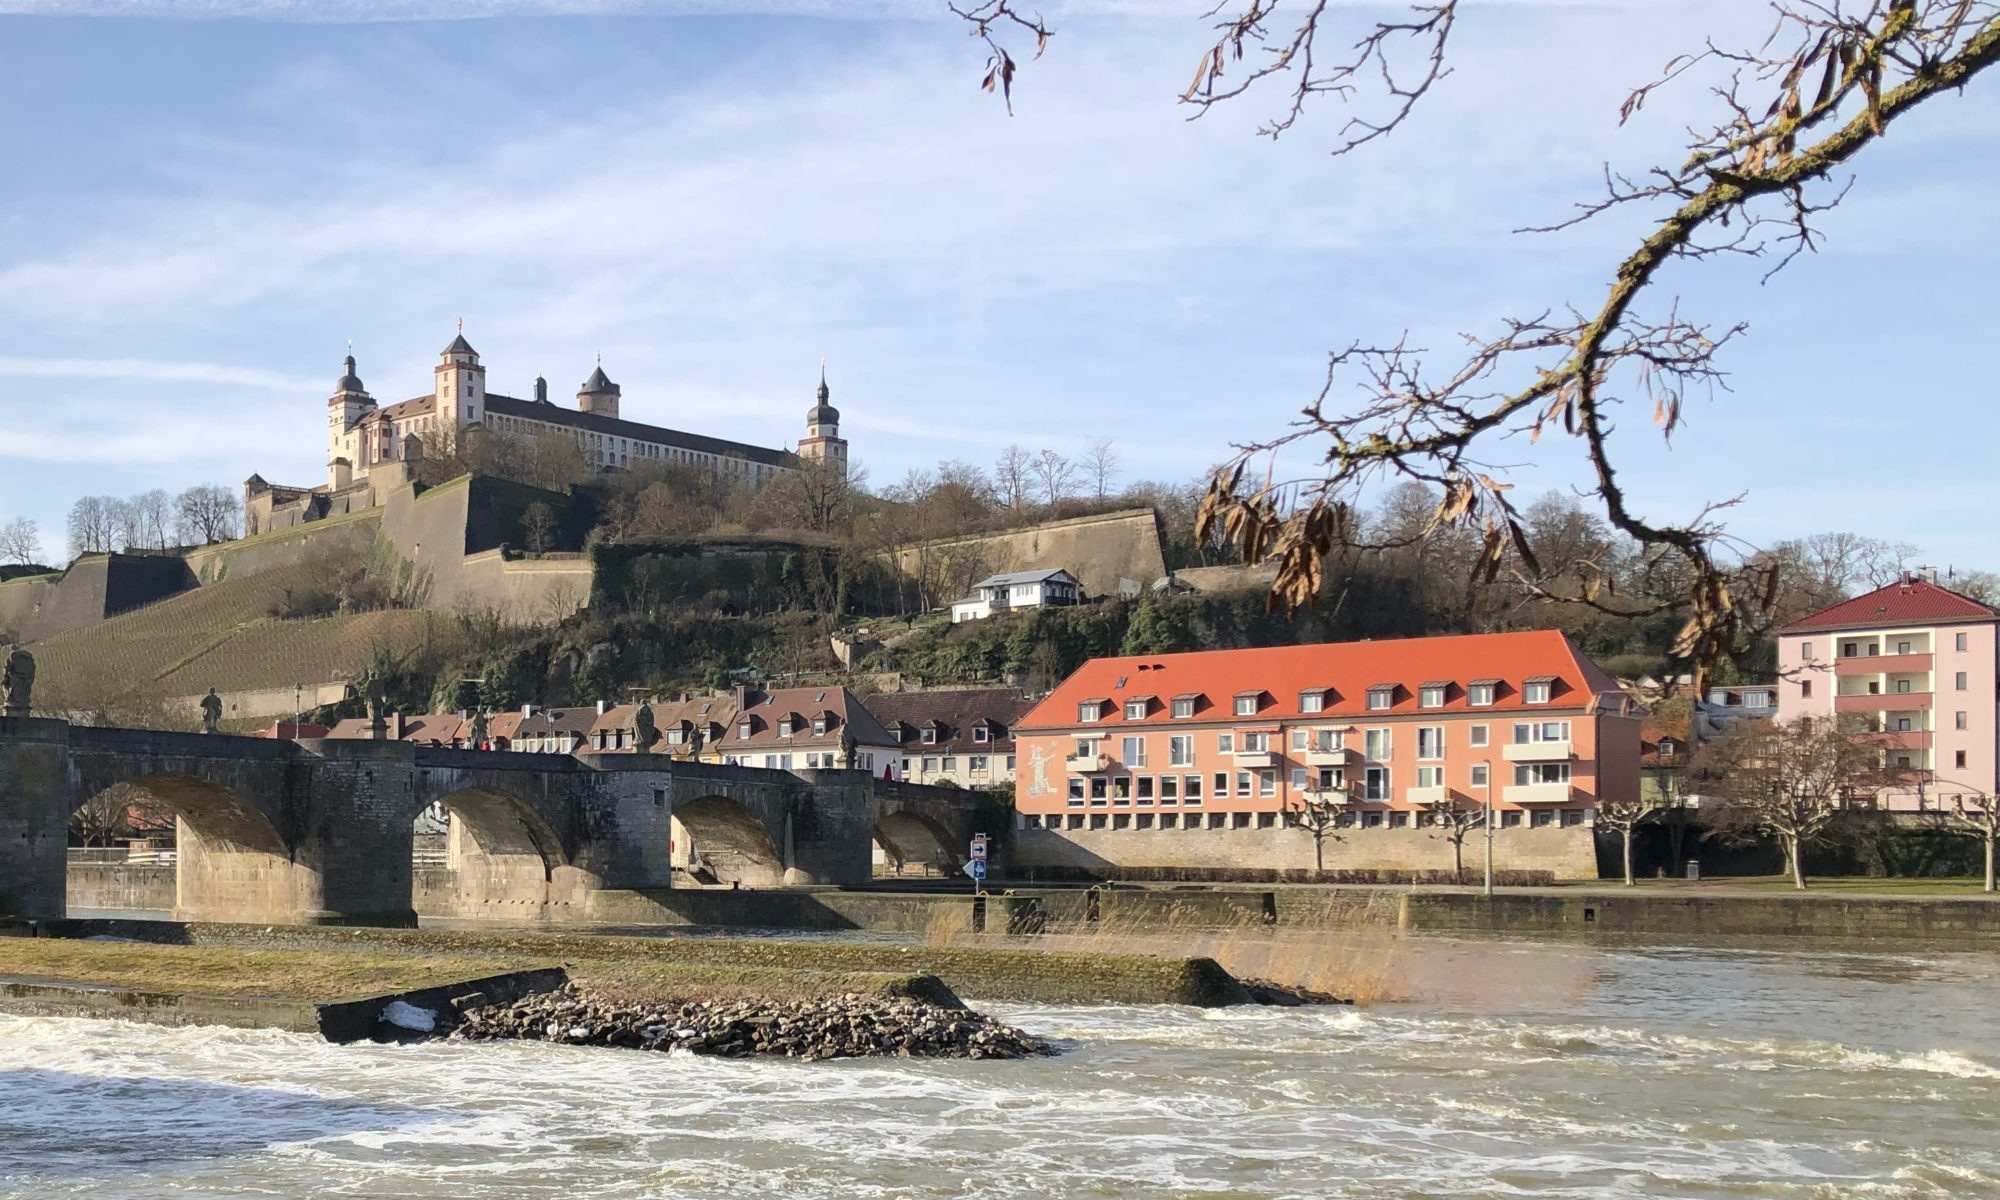 Festung Marienberg in Würzburg. | Foto: B. Schneider